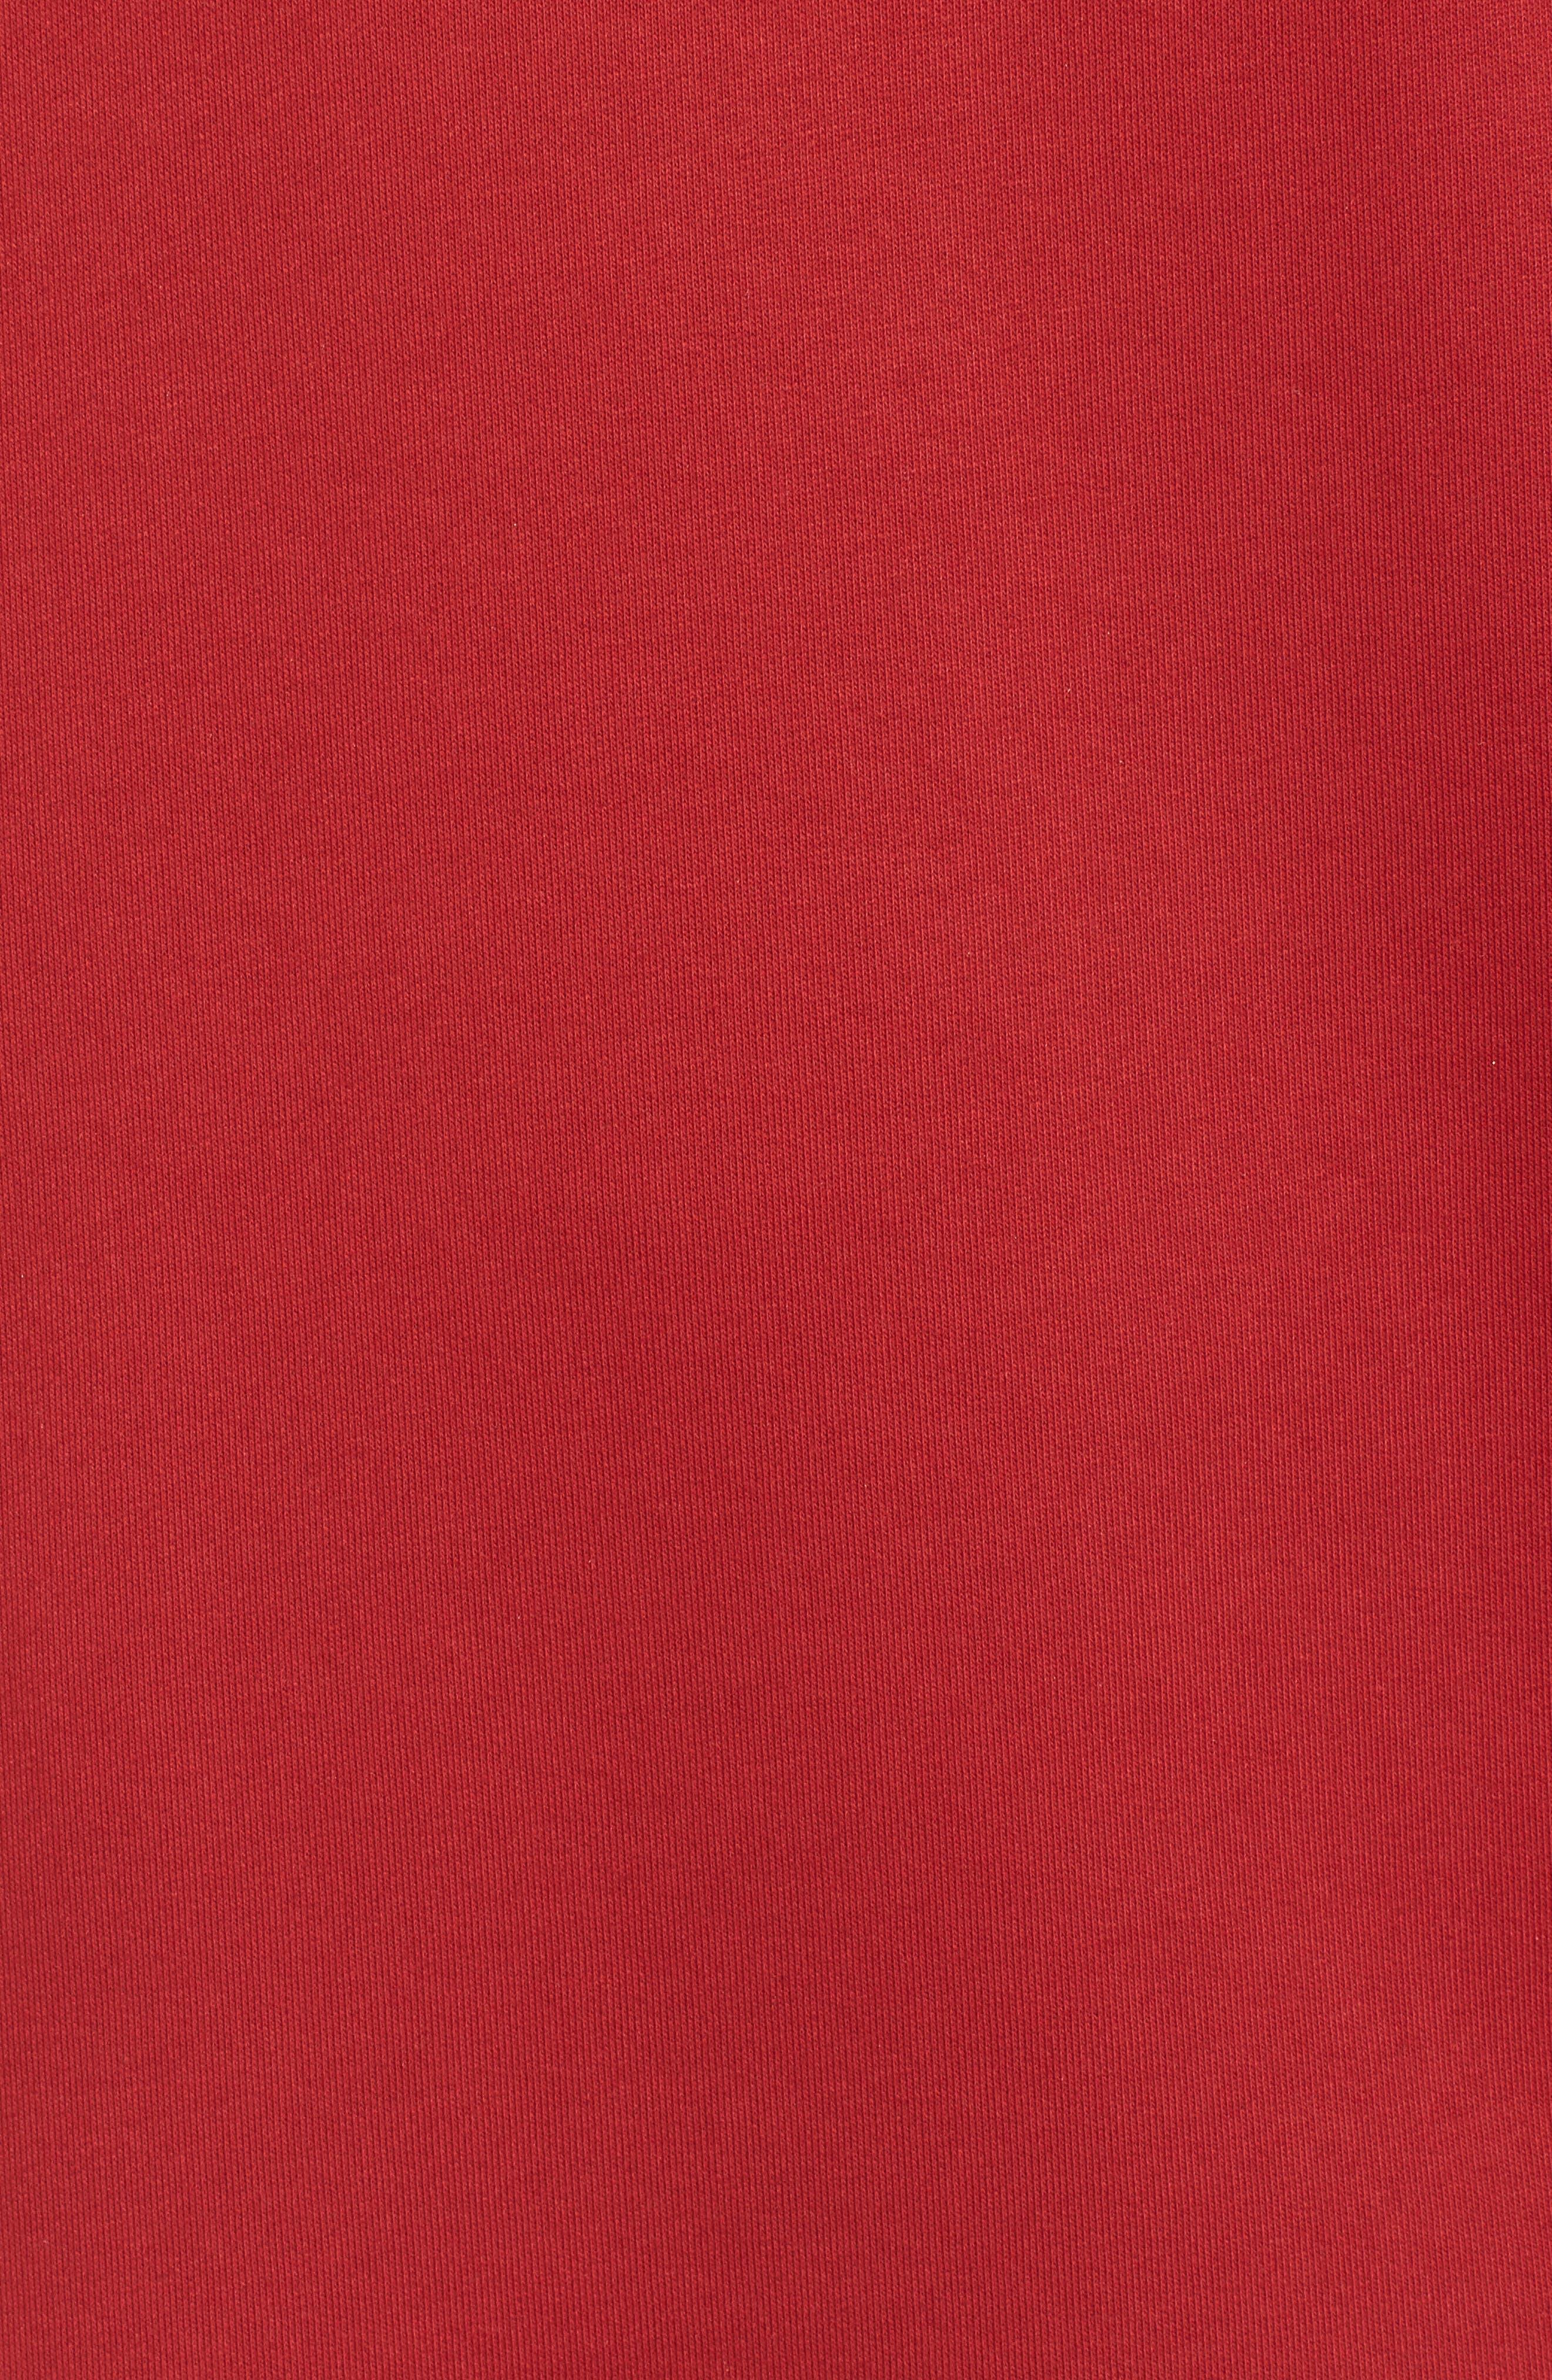 Oversize Velvet Logo Hoodie Dress,                             Alternate thumbnail 6, color,                             600